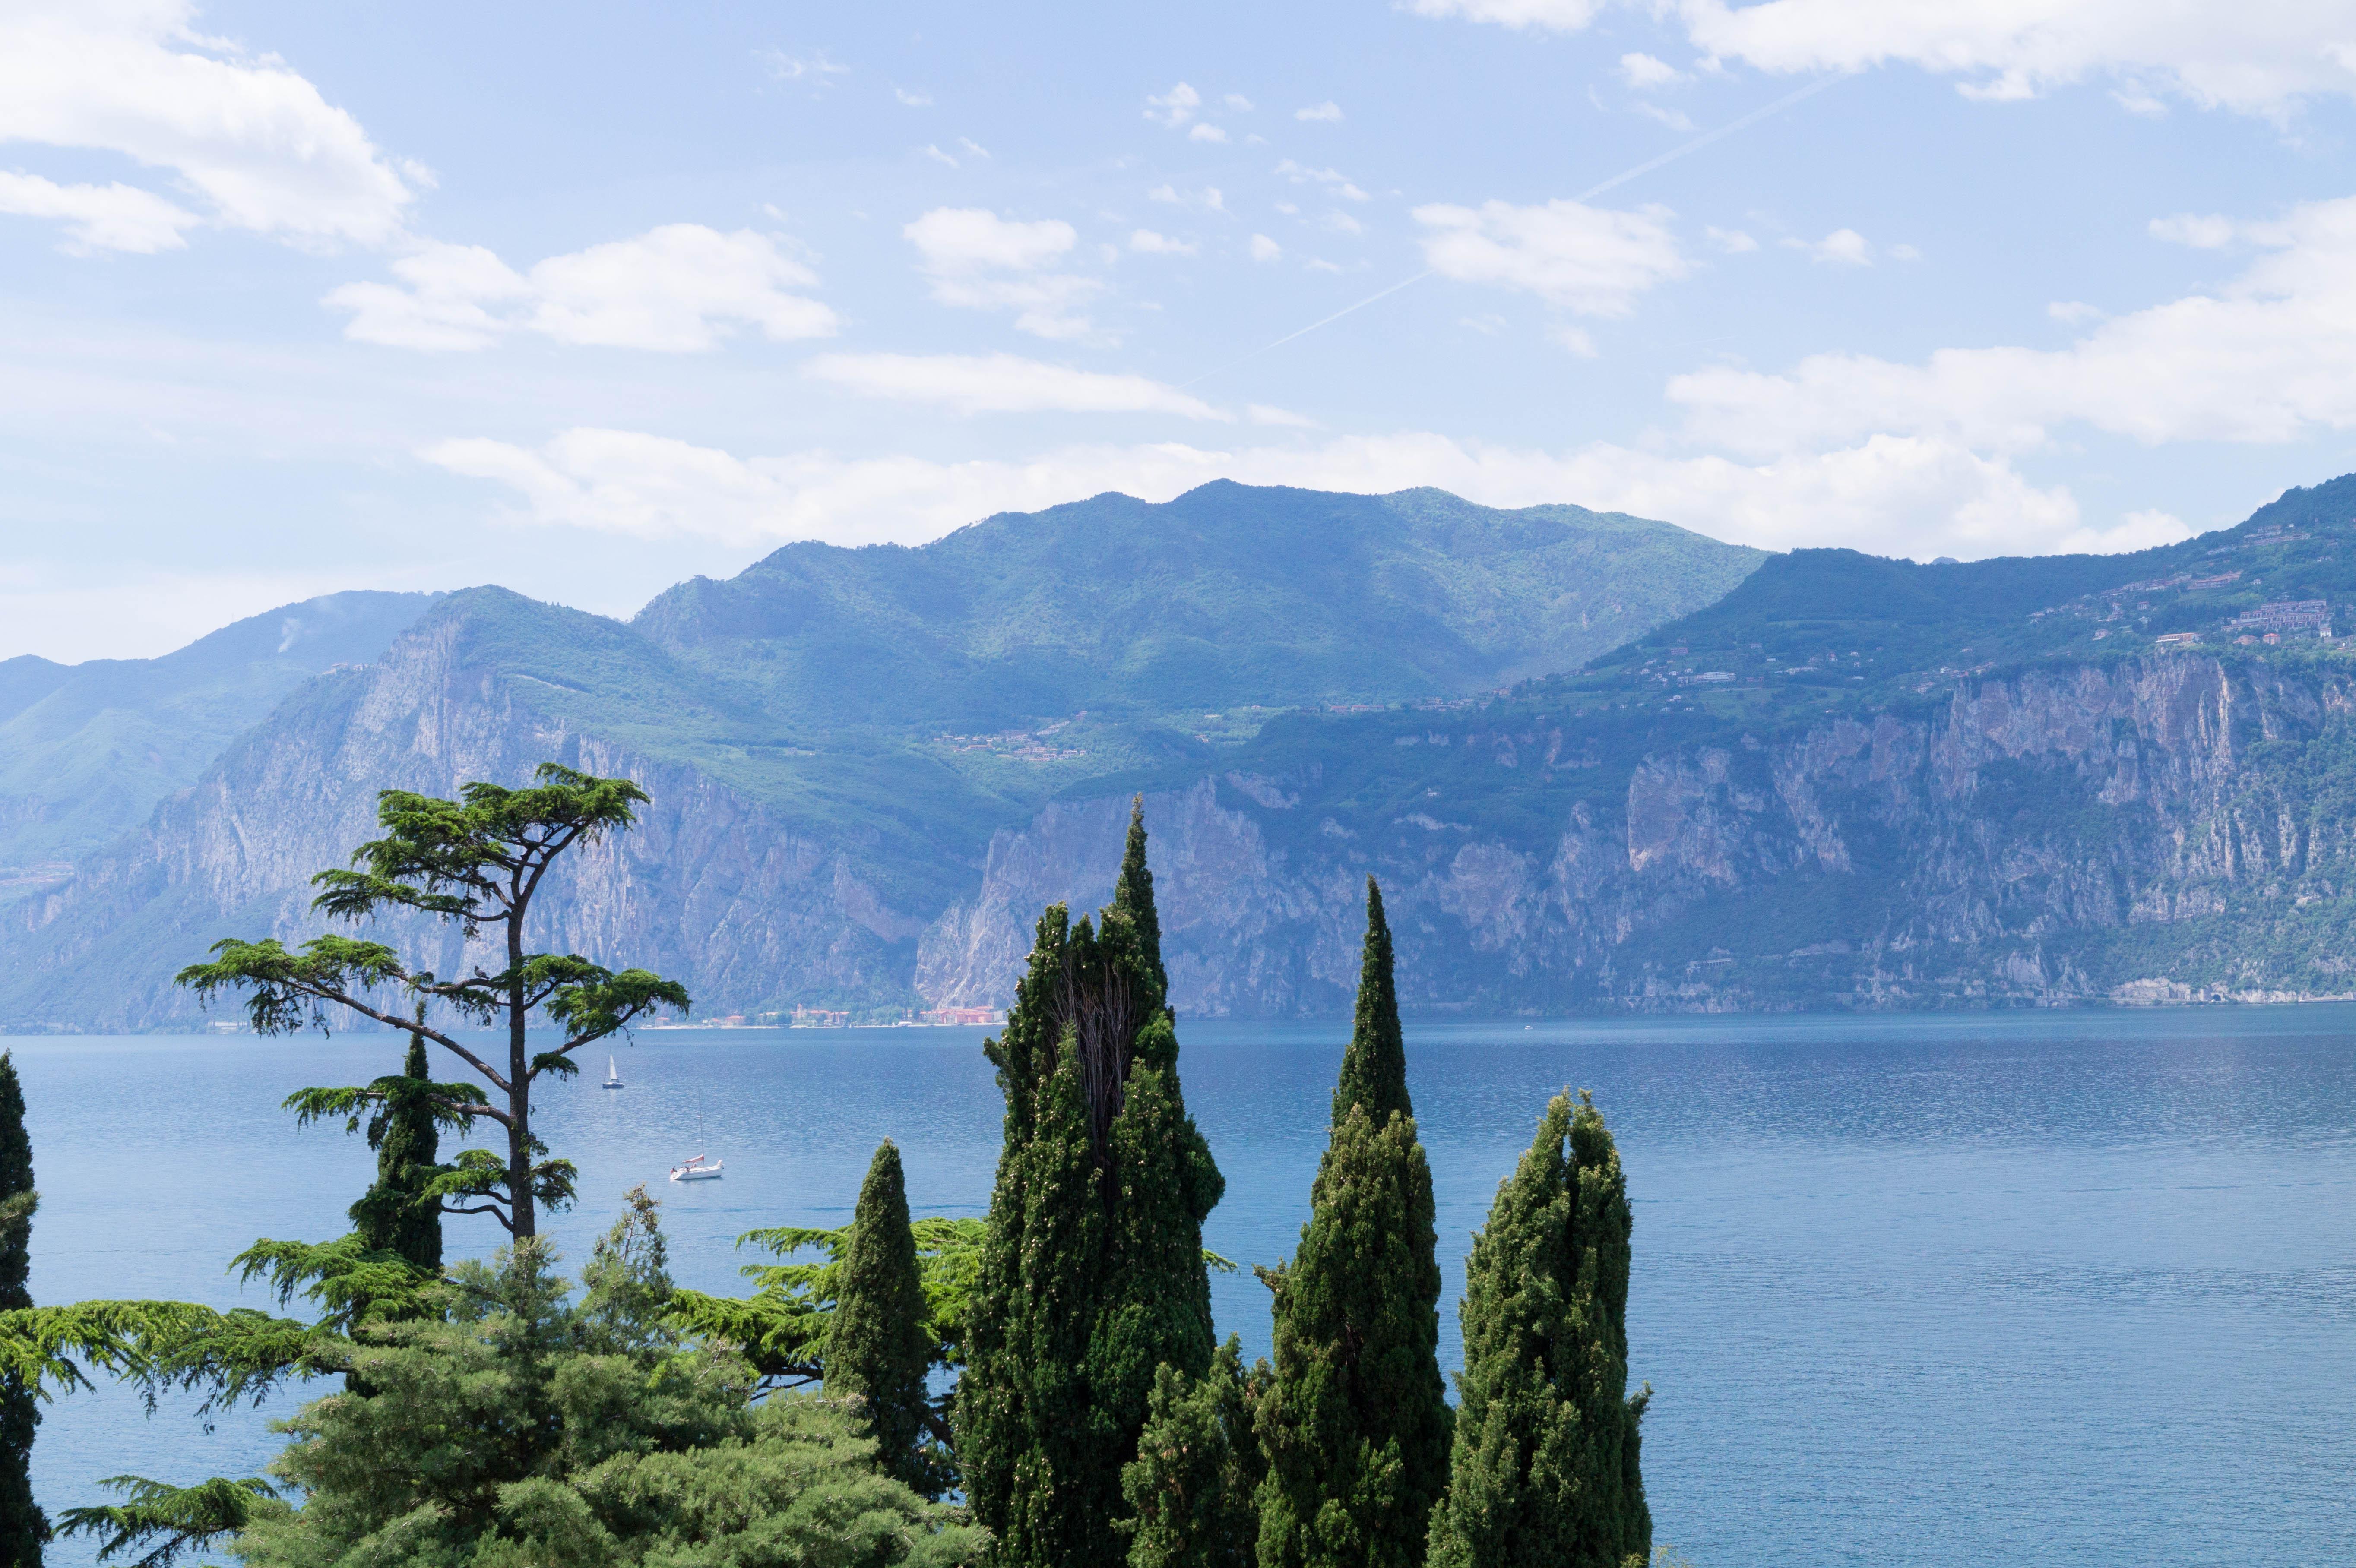 italy italia italien lago di garda lake garda travel blog view